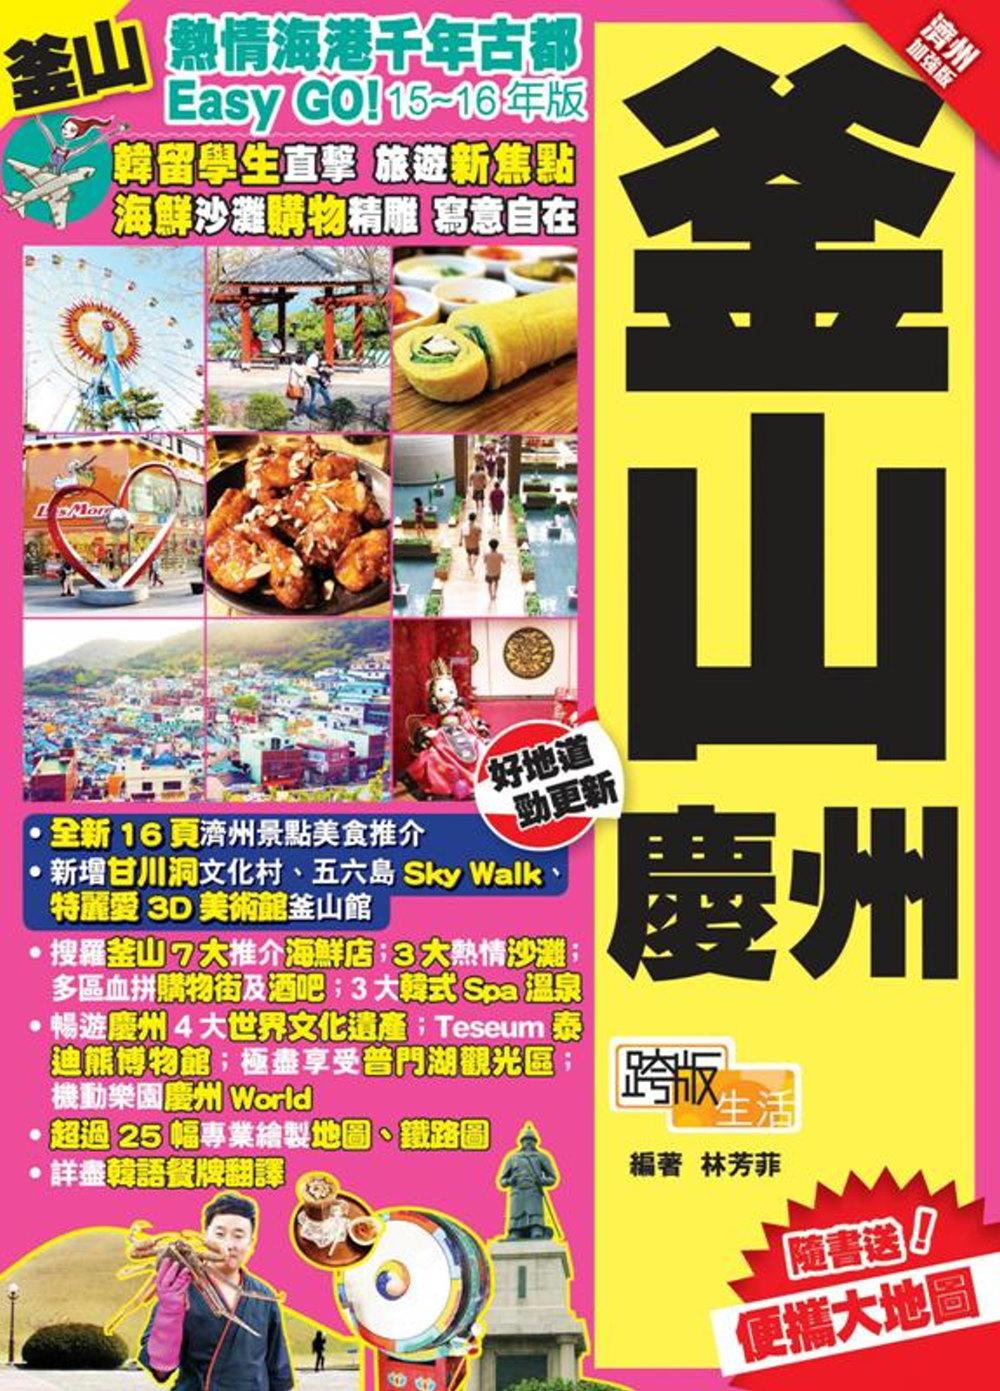 熱情海港千年古都Easy GO!:釜山慶州(濟州加強版)》(2015-16年版)